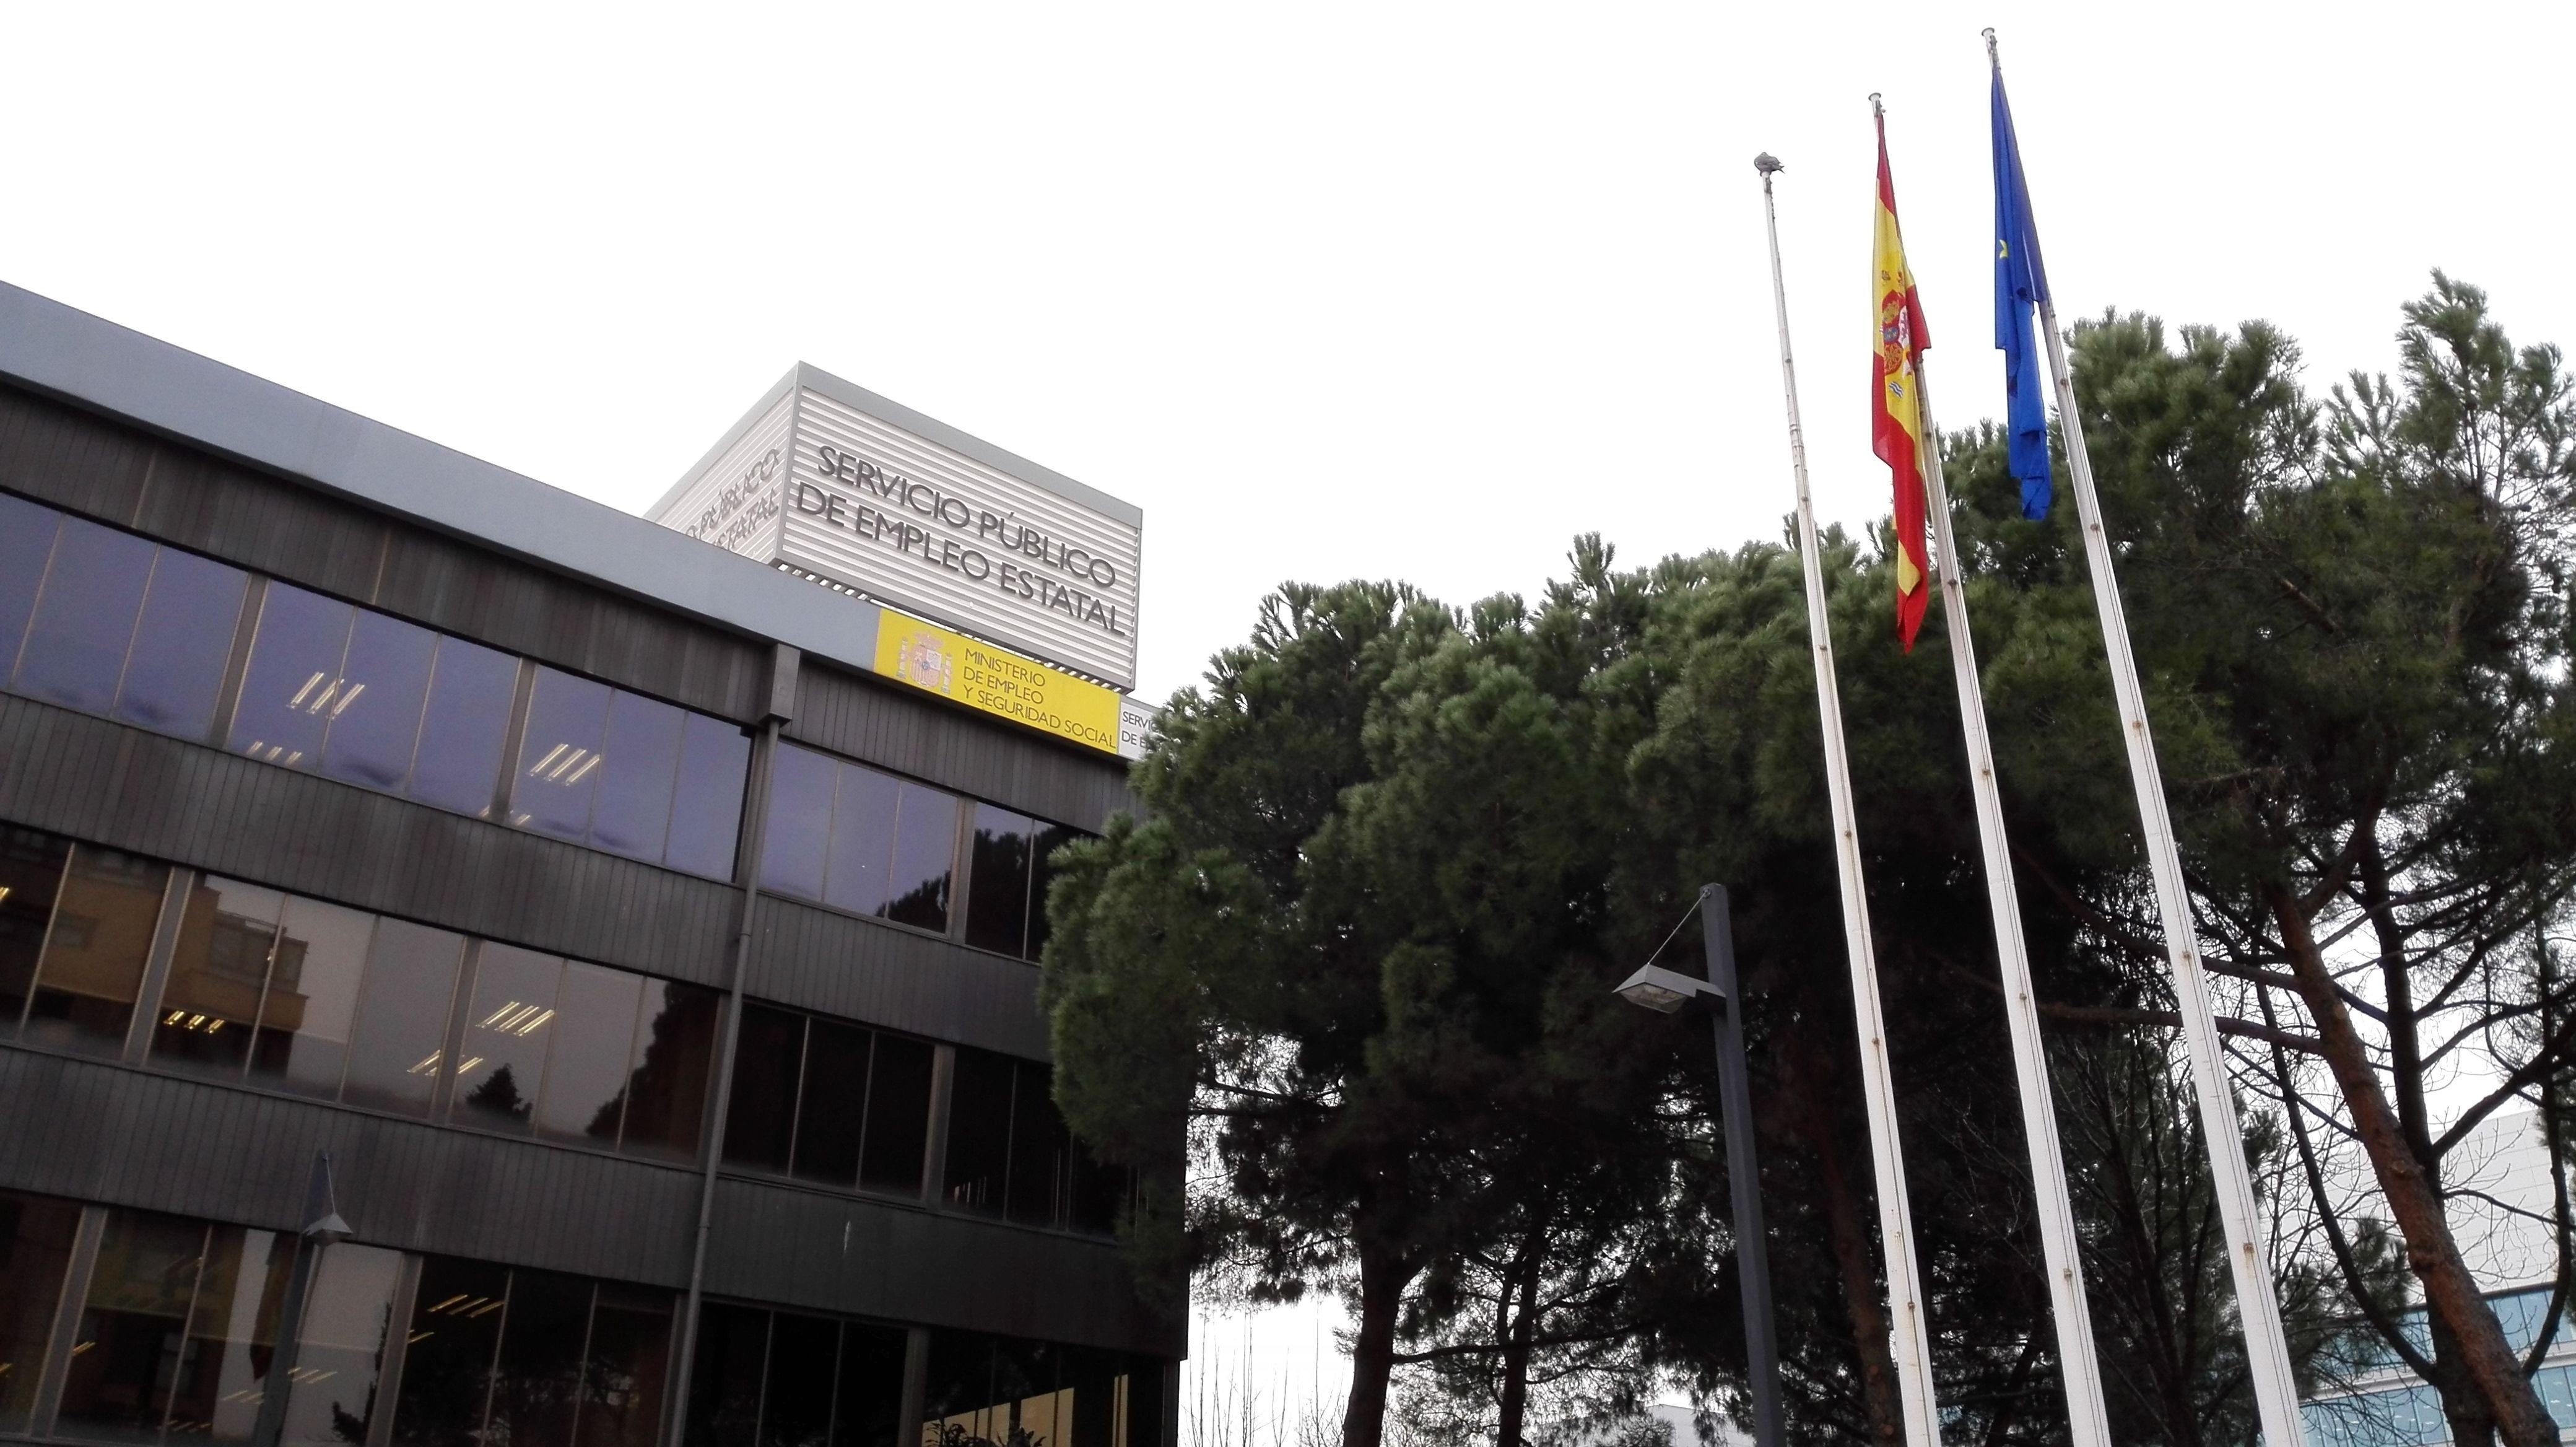 SEPE Servicio Público de Empleo Estatal de España